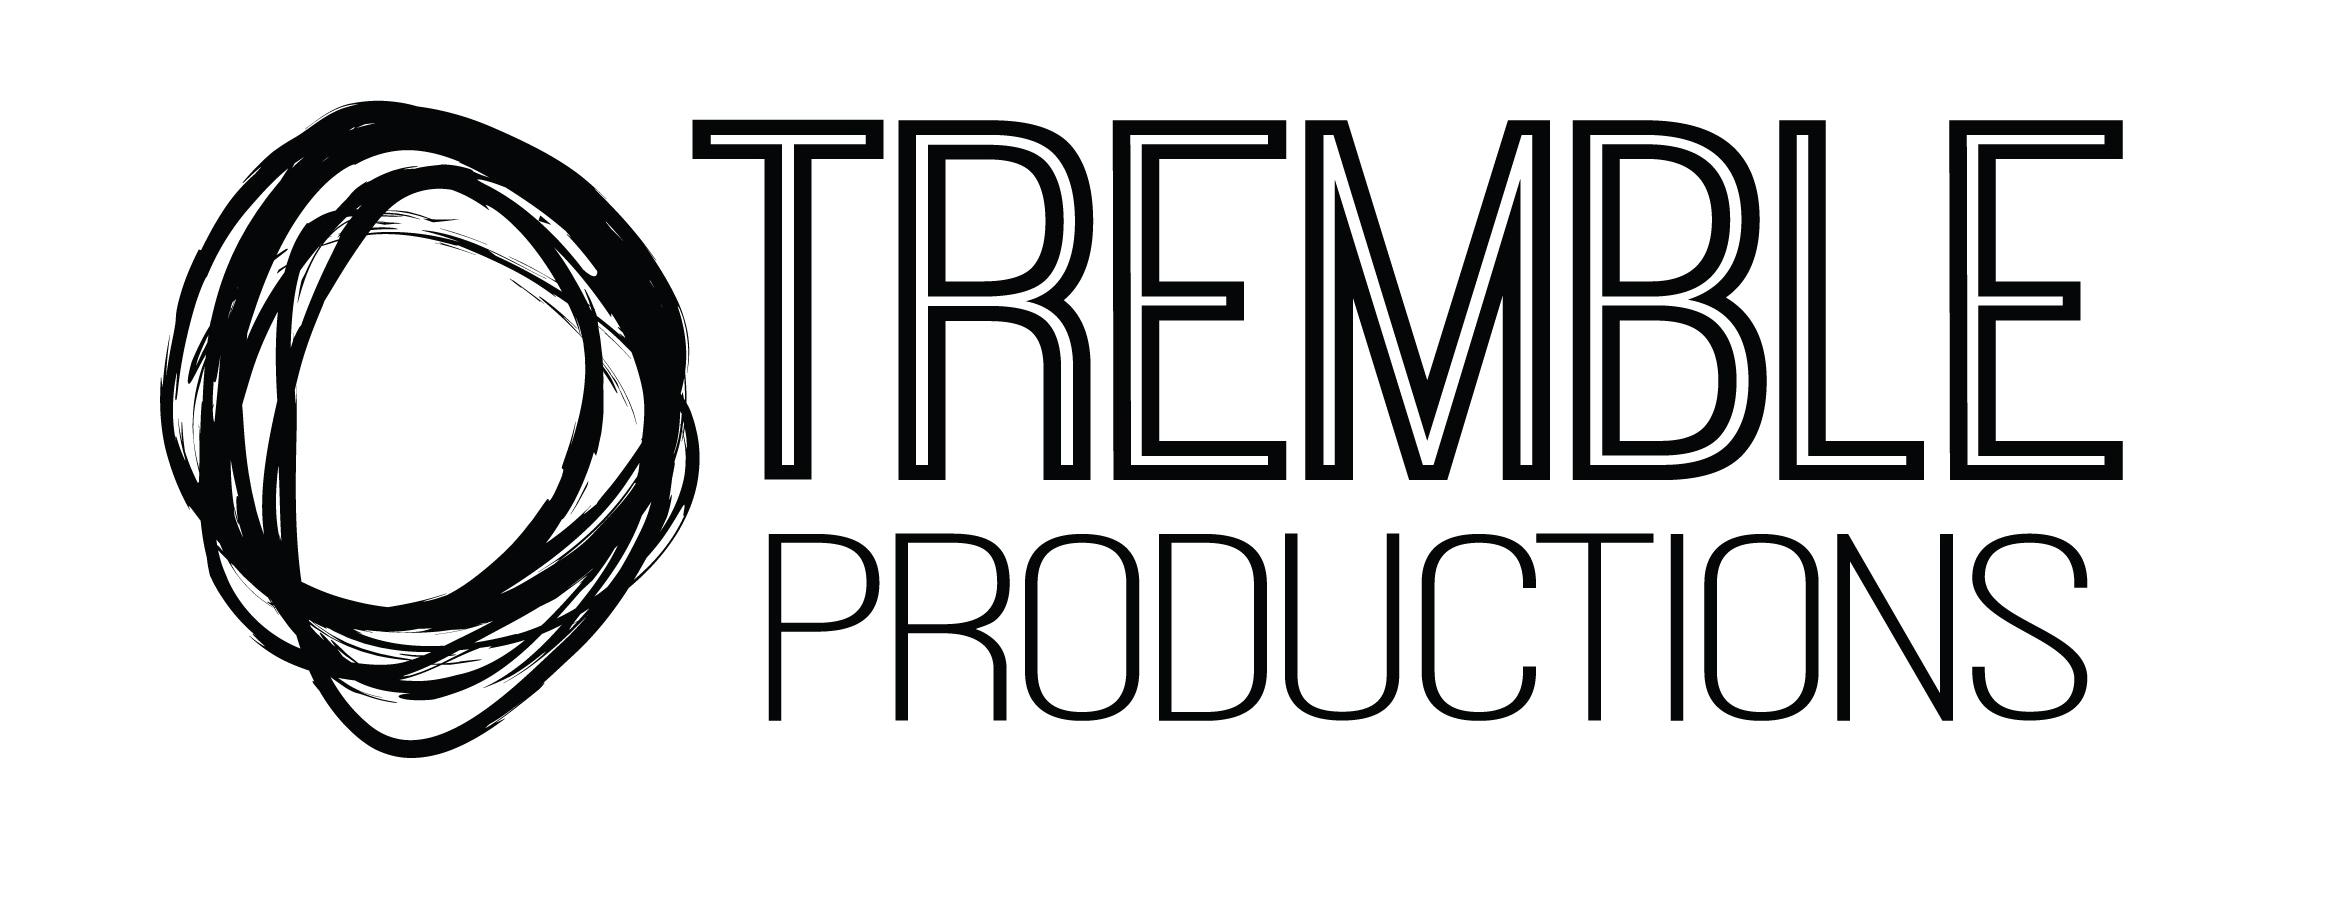 trembleproductionslogo